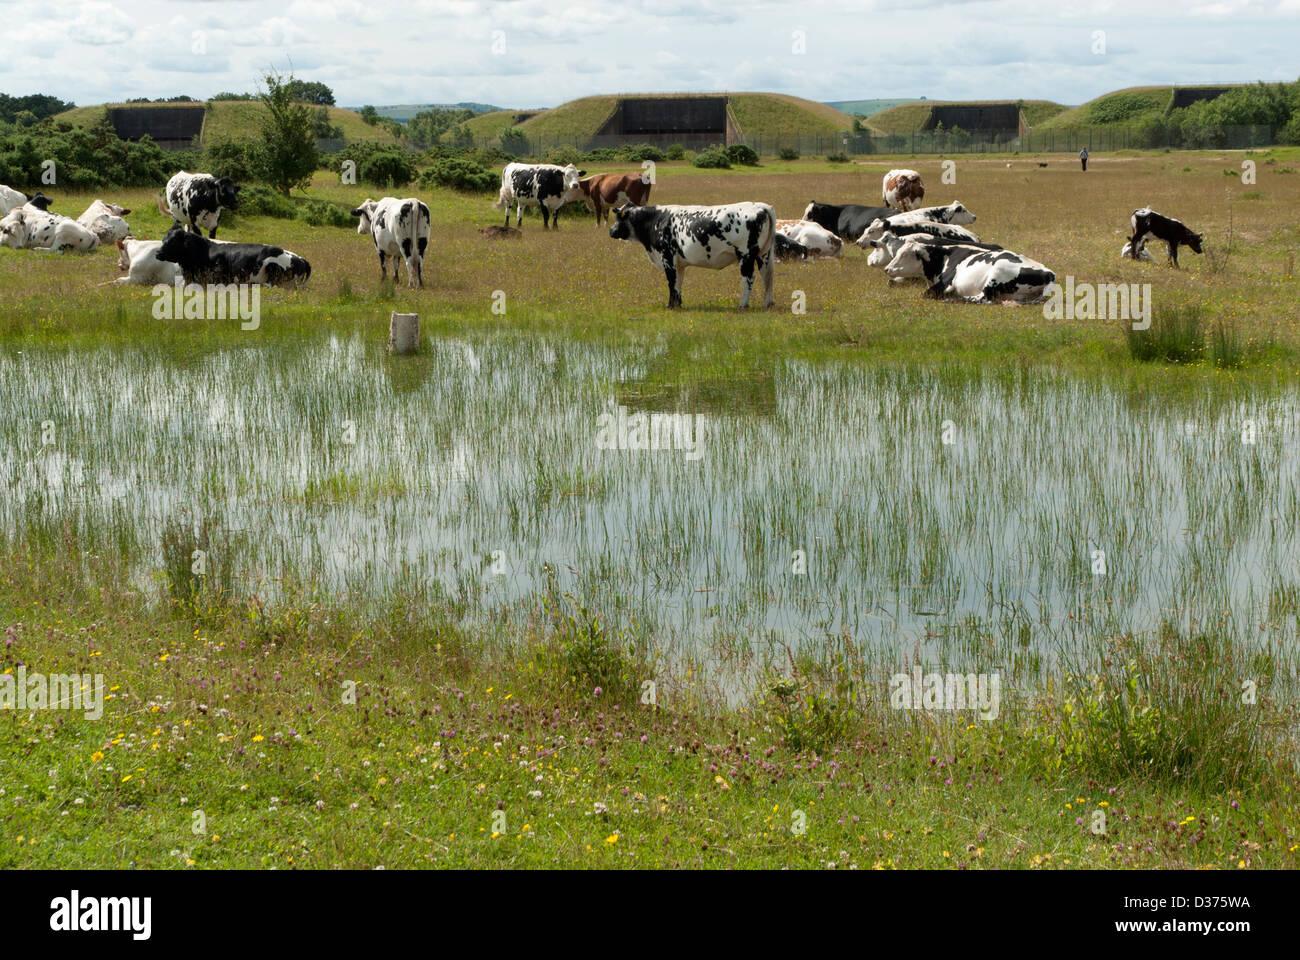 Greenham Common restauro ambientale: il pascolo di bestiame accanto ad un laghetto con vecchi missili di crociera Immagini Stock